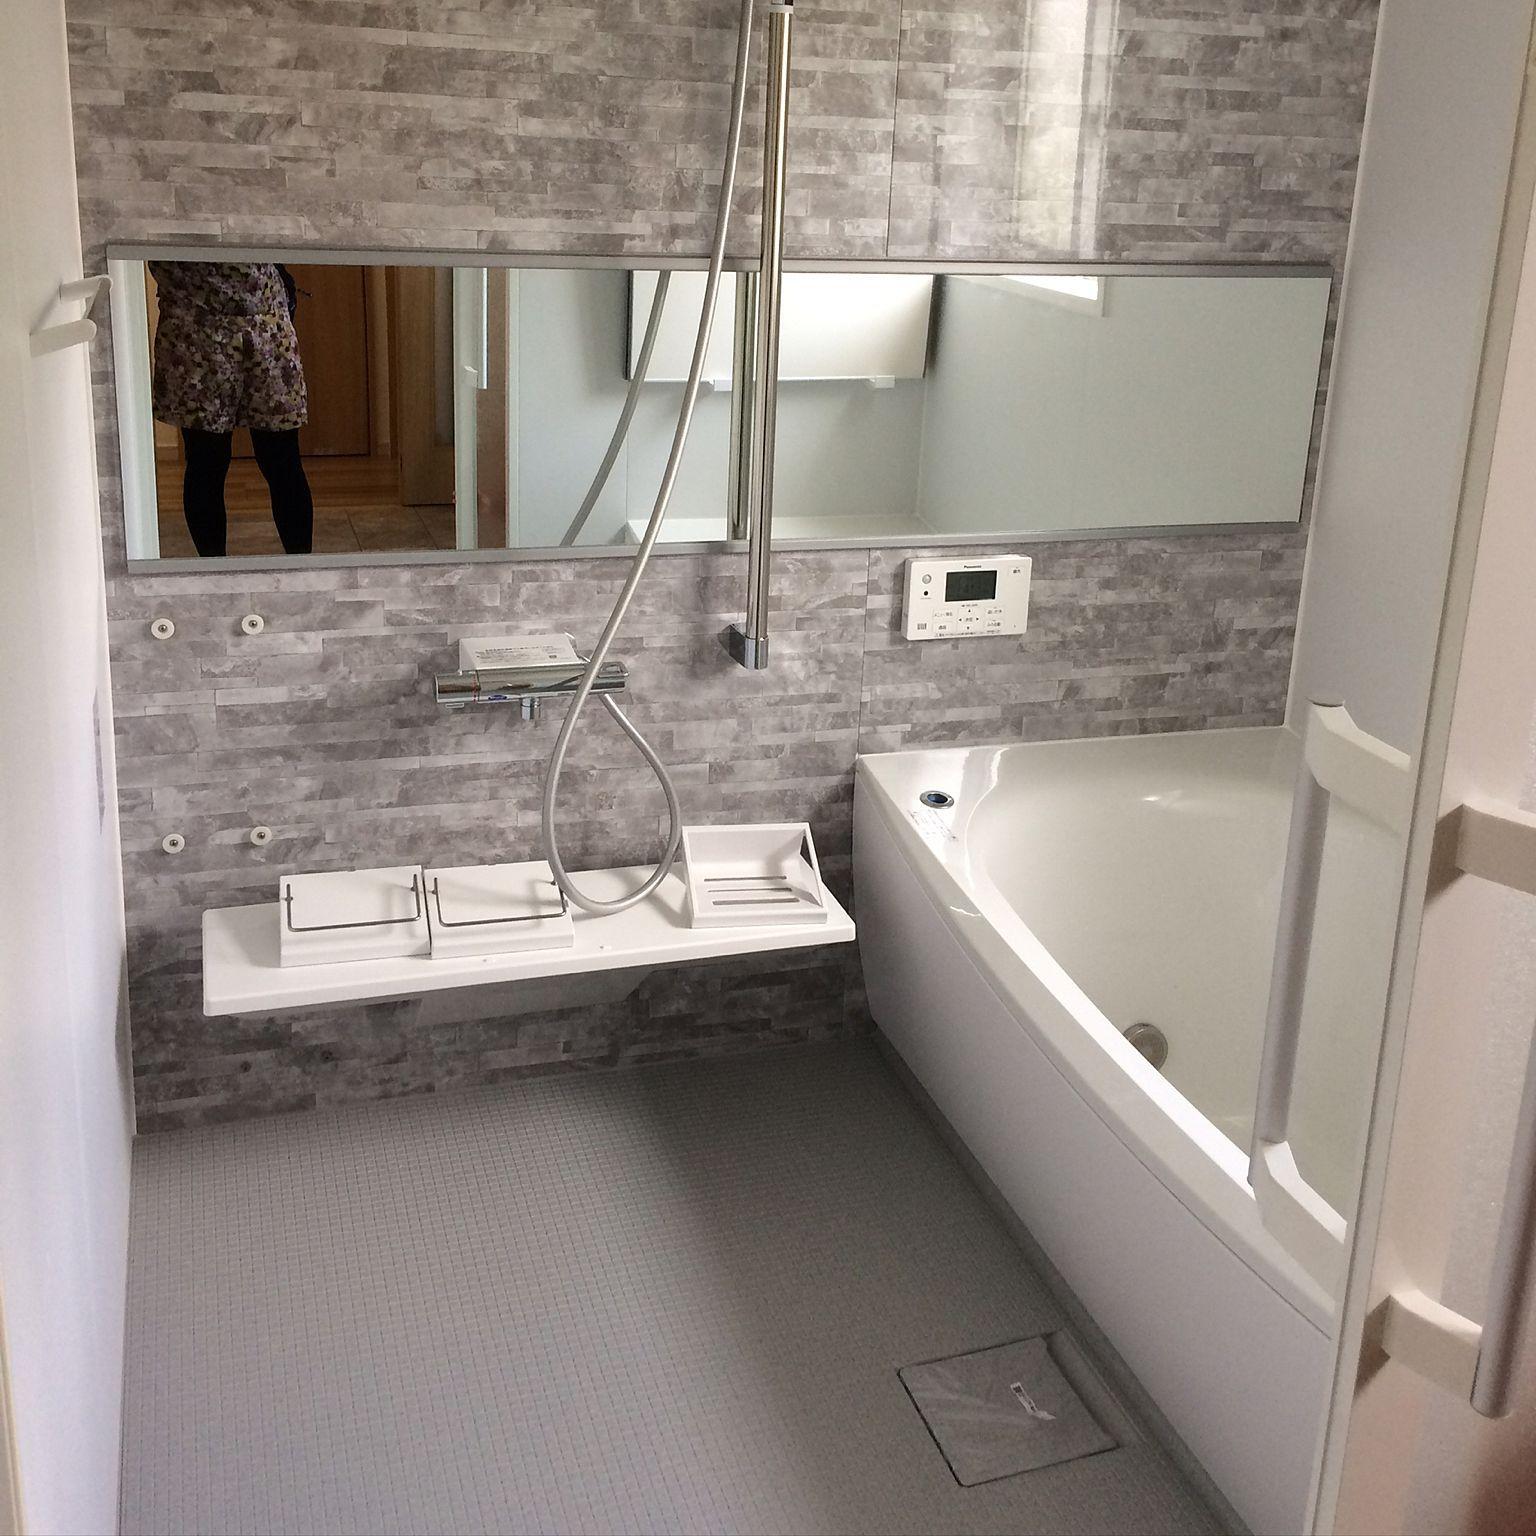 バス トイレ お風呂 バスルーム 風呂場 グレー などのインテリア実例